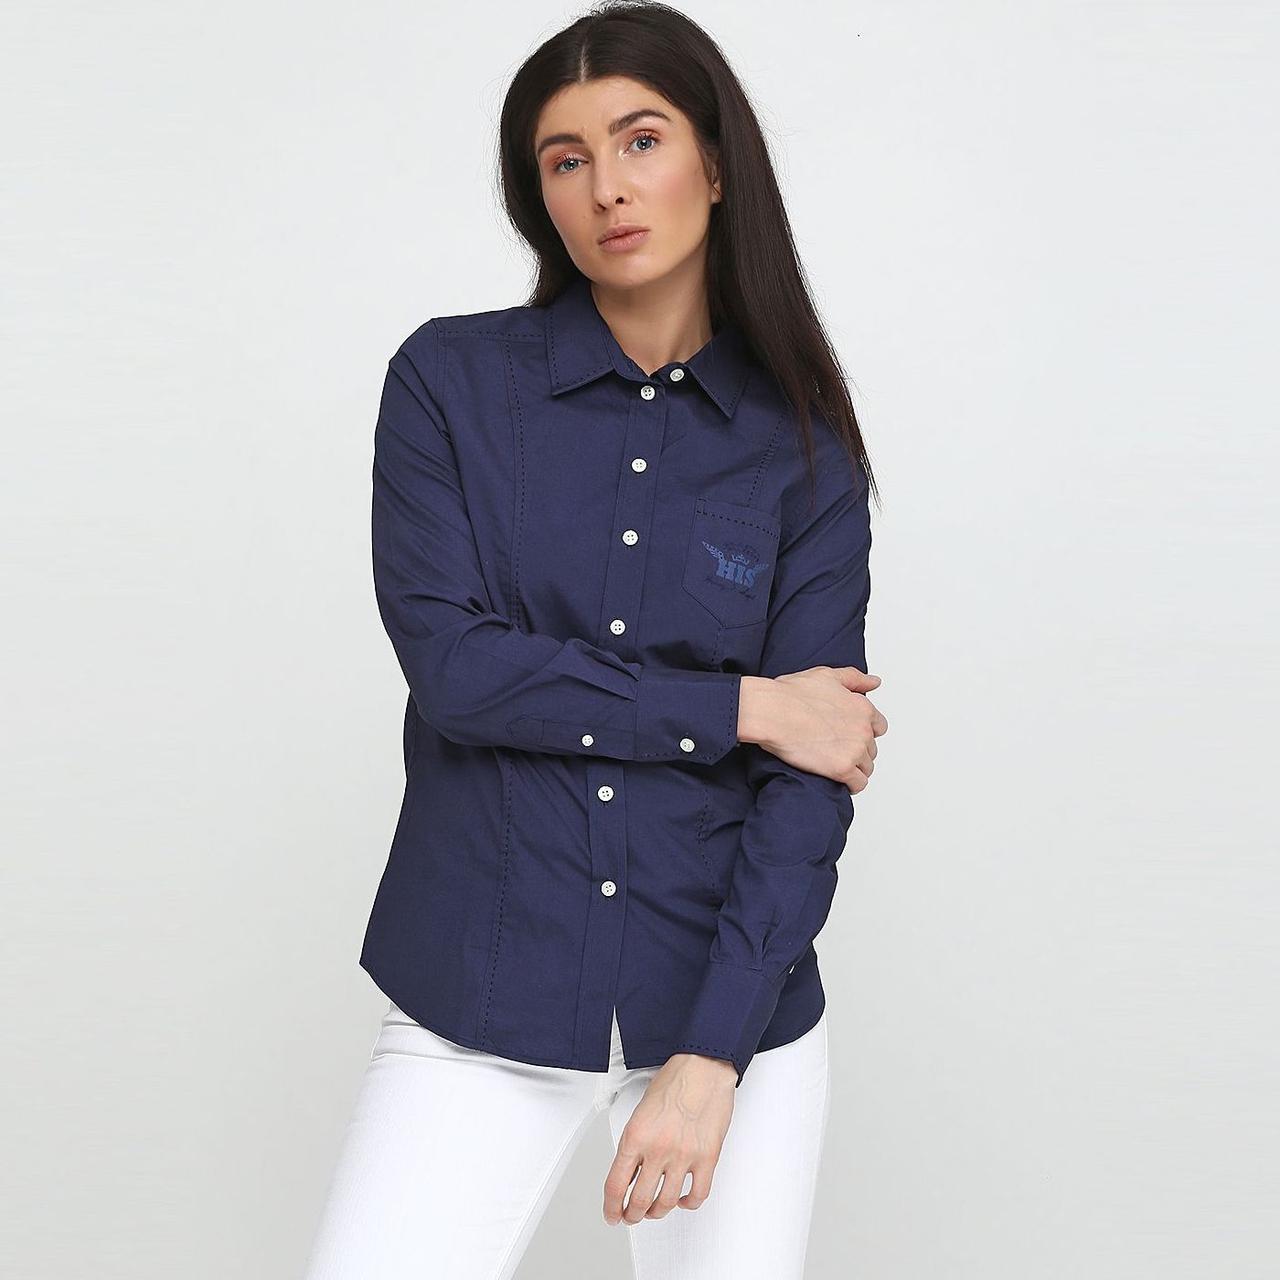 Женская рубашка  HIS HS887907 (S)